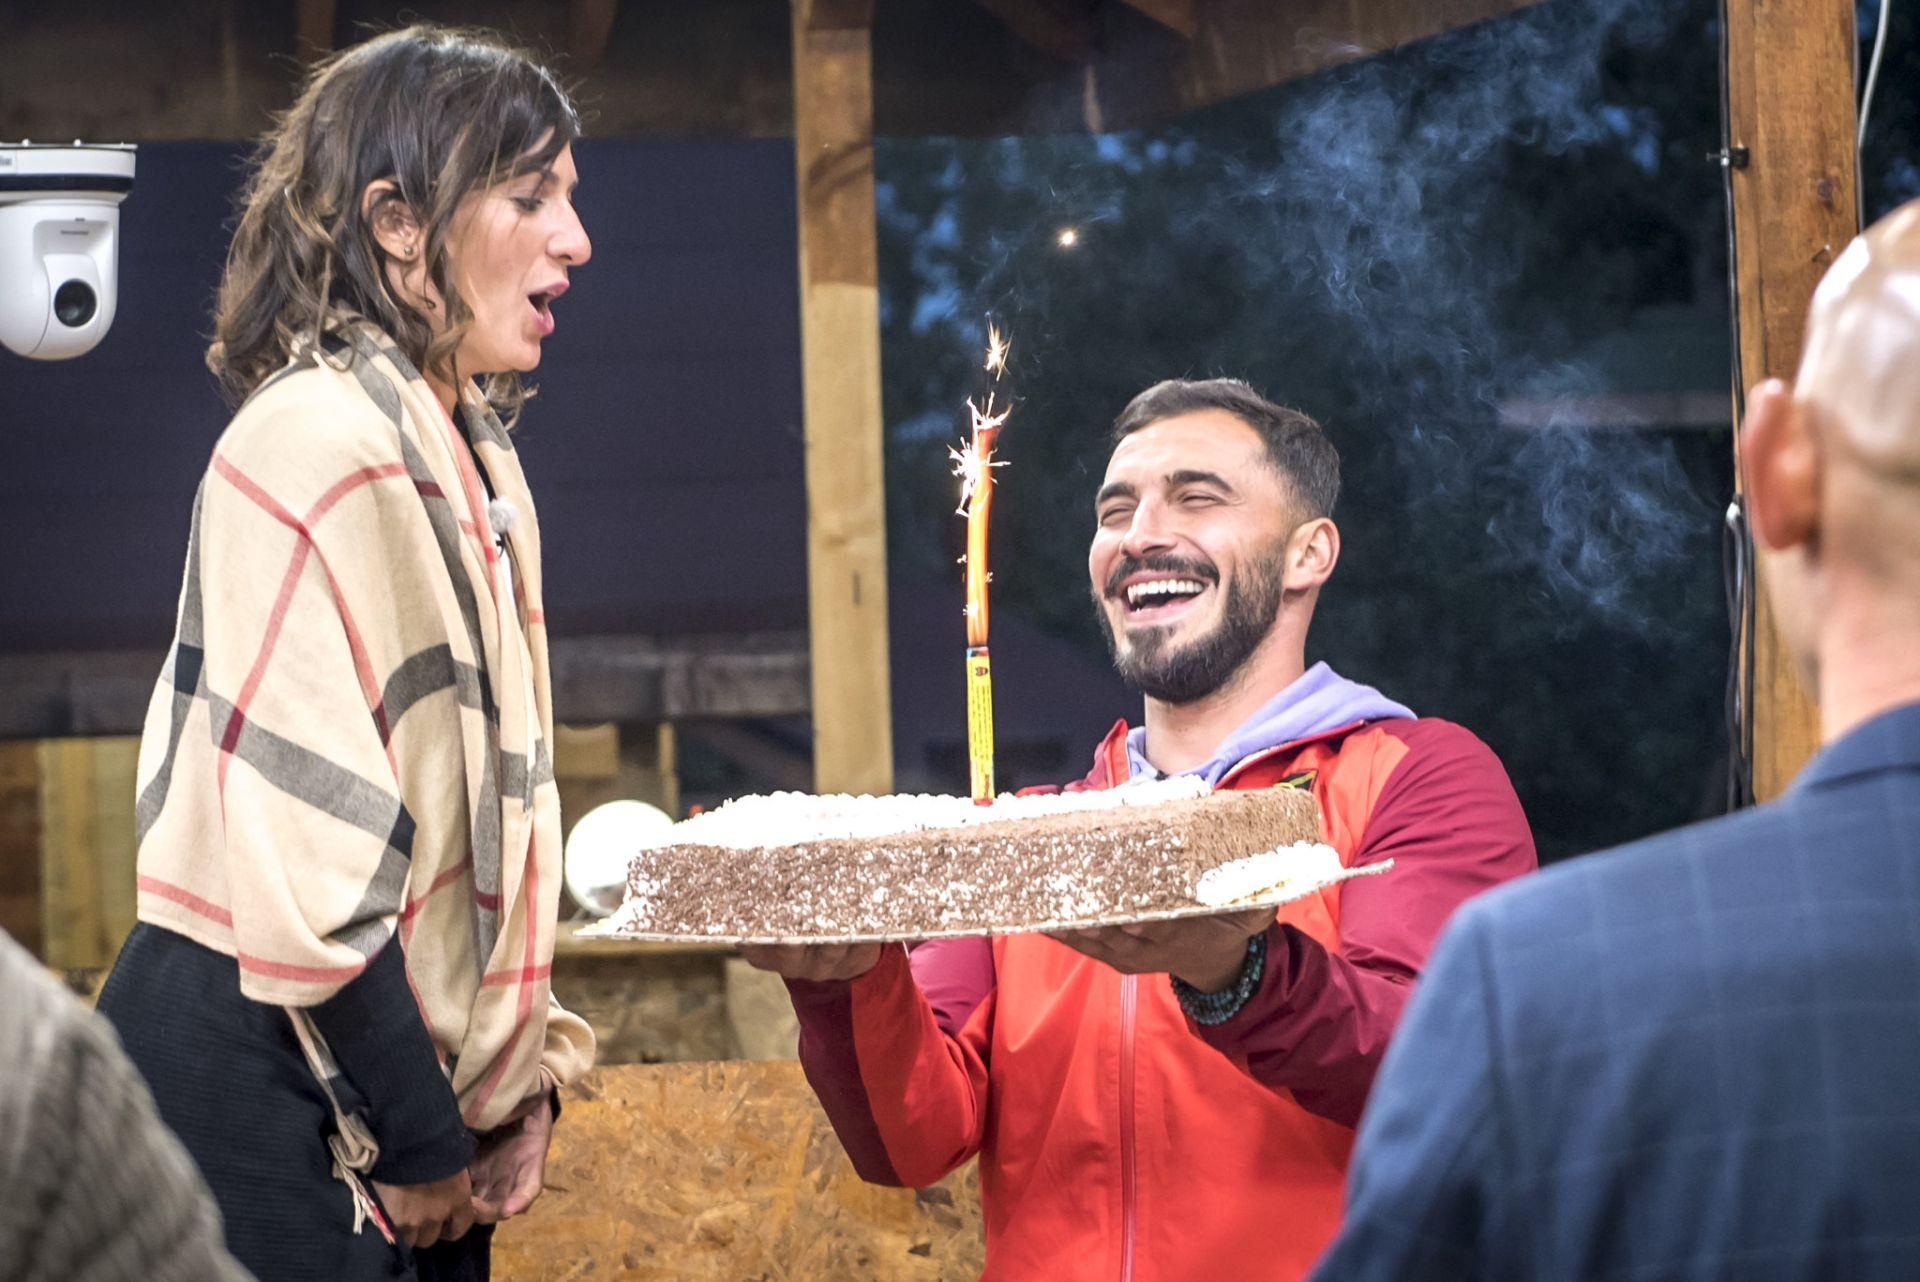 Петър поднася тортата за рождения ден на Ваня